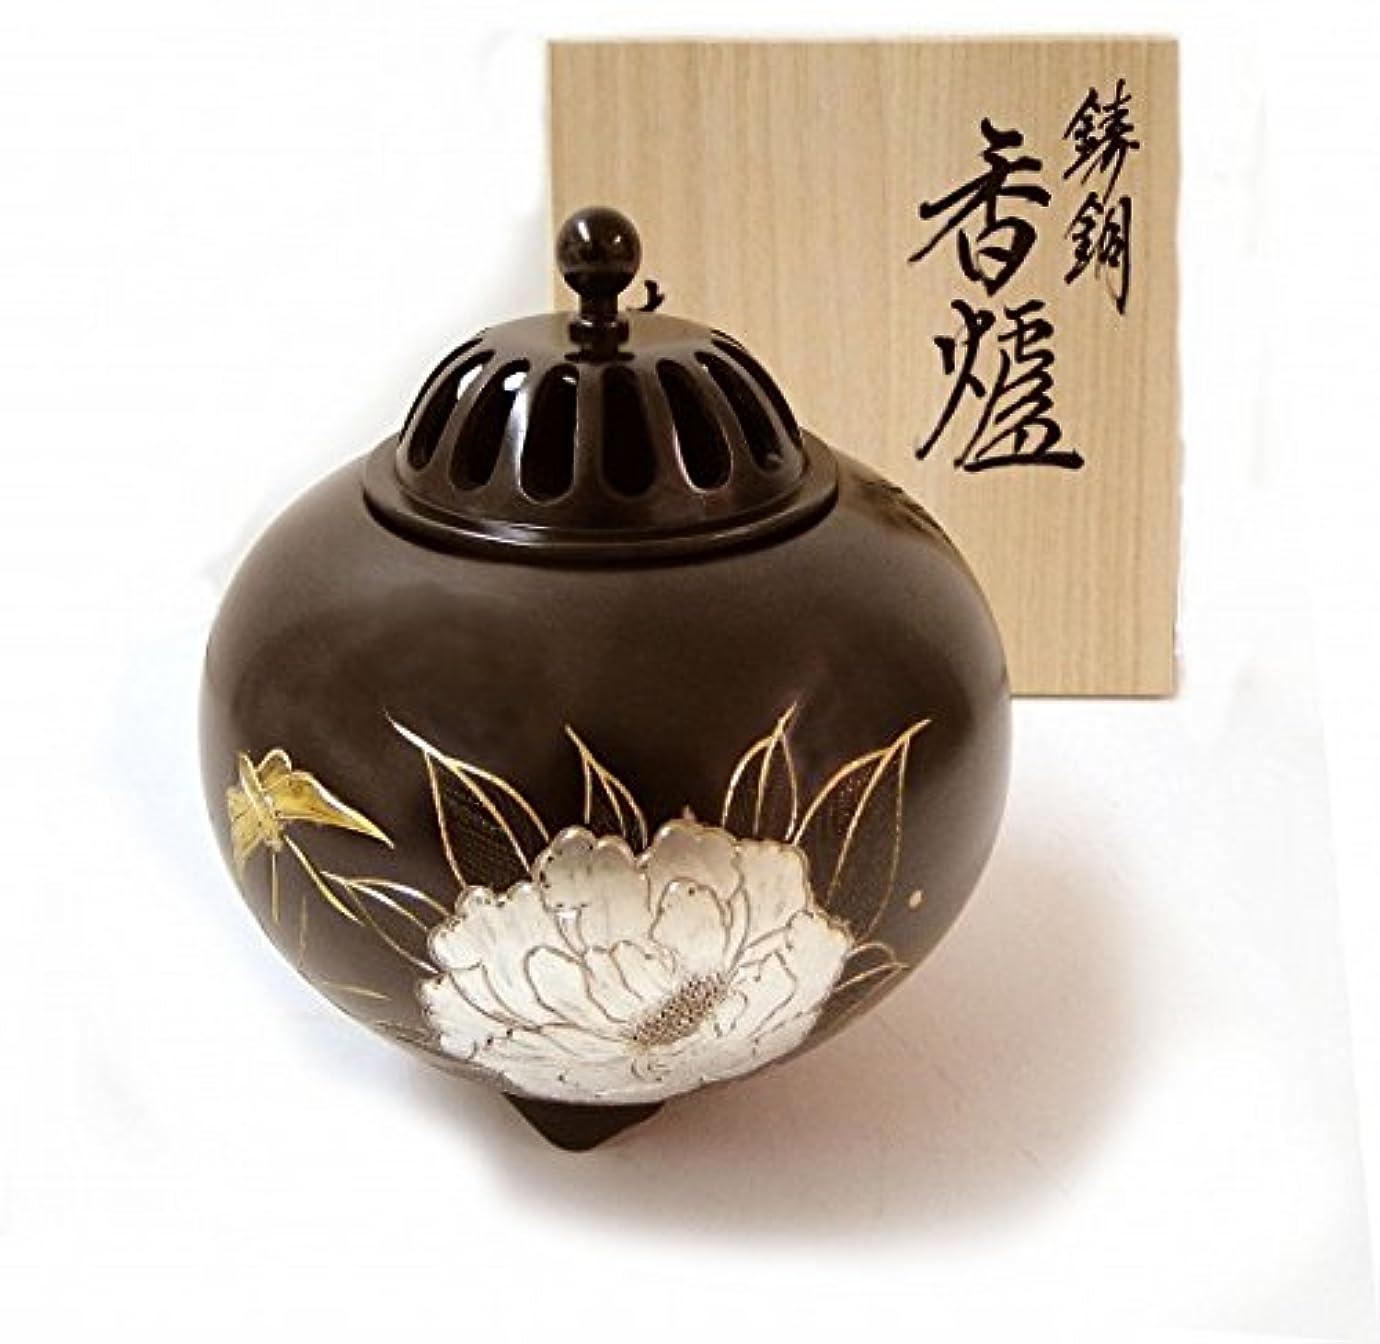 ありがたい新しさ世界記録のギネスブック『平丸香炉?牡丹』銅製